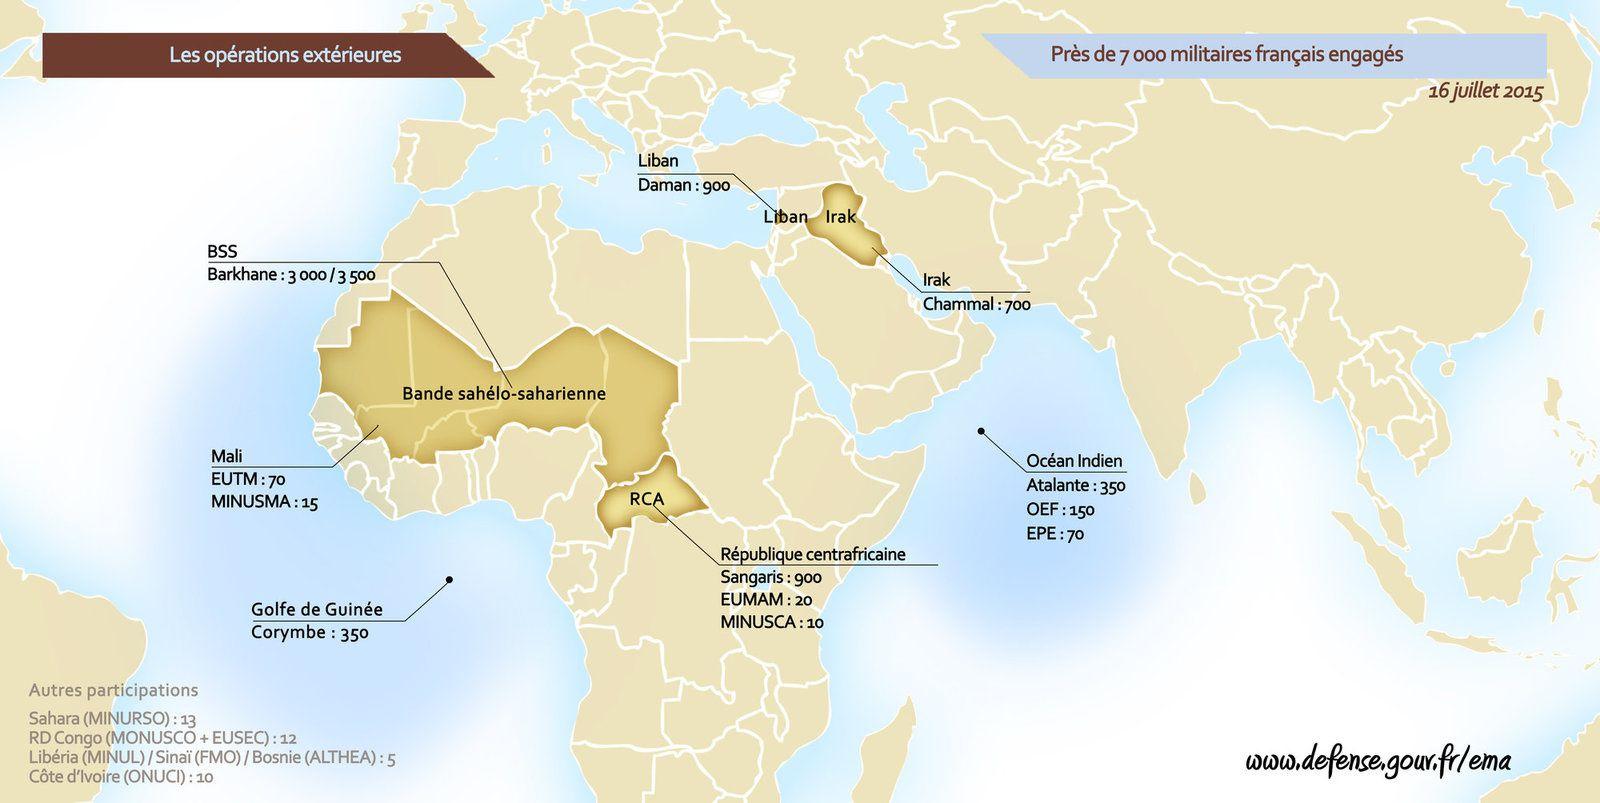 Carte des opérations extérieures (màj 16 Juillet 2015)